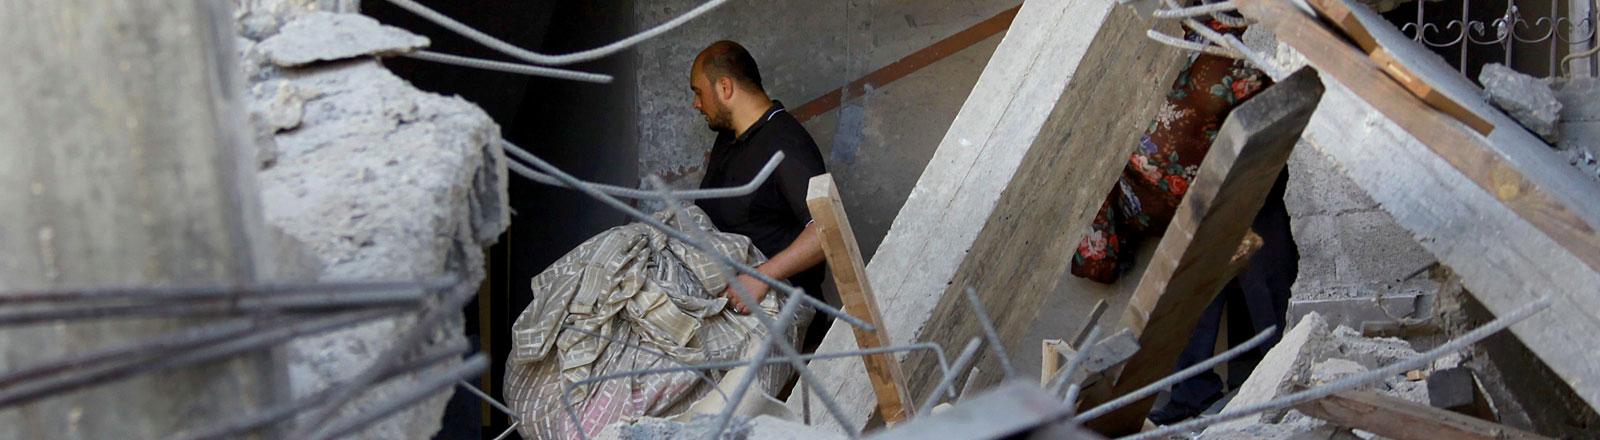 Ein Mitglied der palästinensischen Familie Abu Lealla trägt Sachen aus seinem zerstörten Haus in Gazastadt.